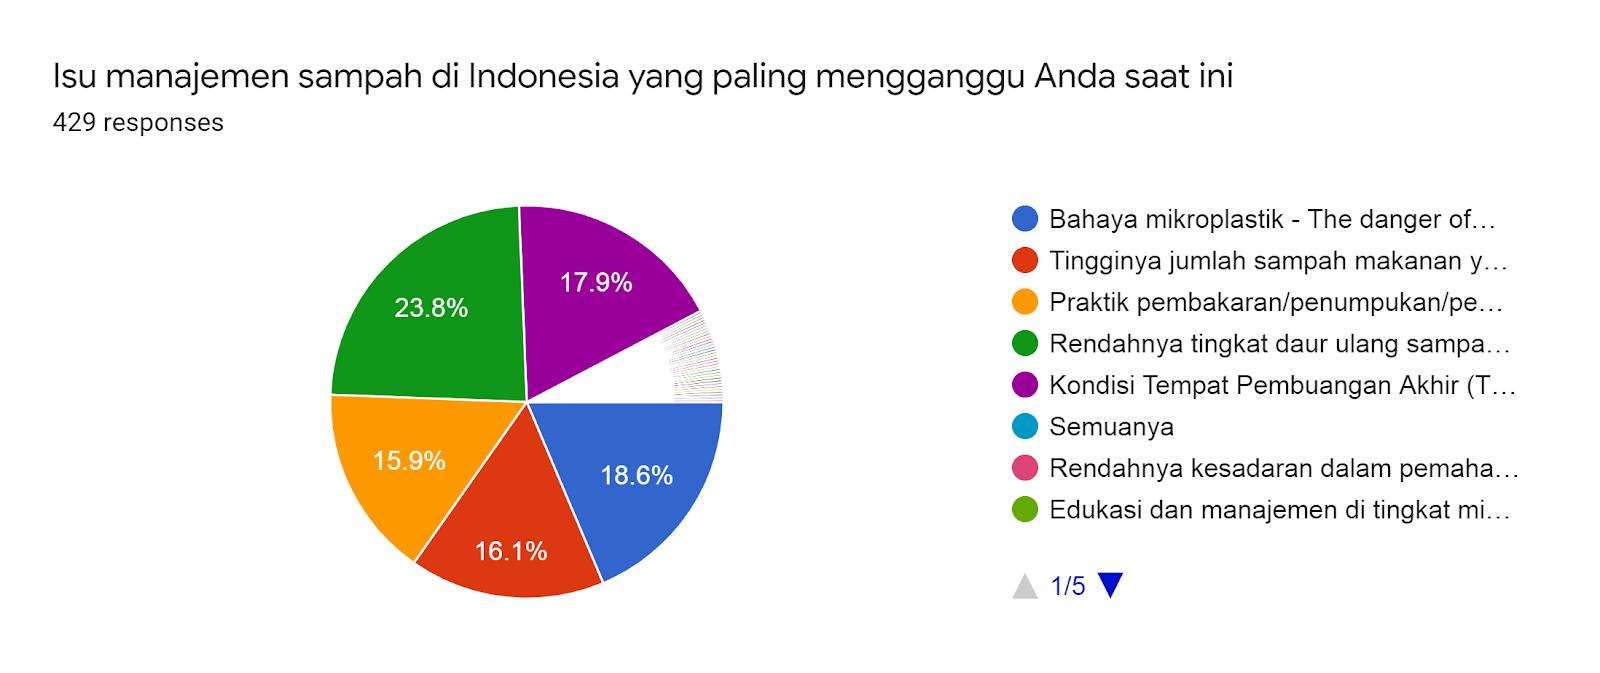 Forms response chart. Question title: Isu manajemen sampah di Indonesia yang paling mengganggu Anda saat ini . Number of responses: 429 responses.